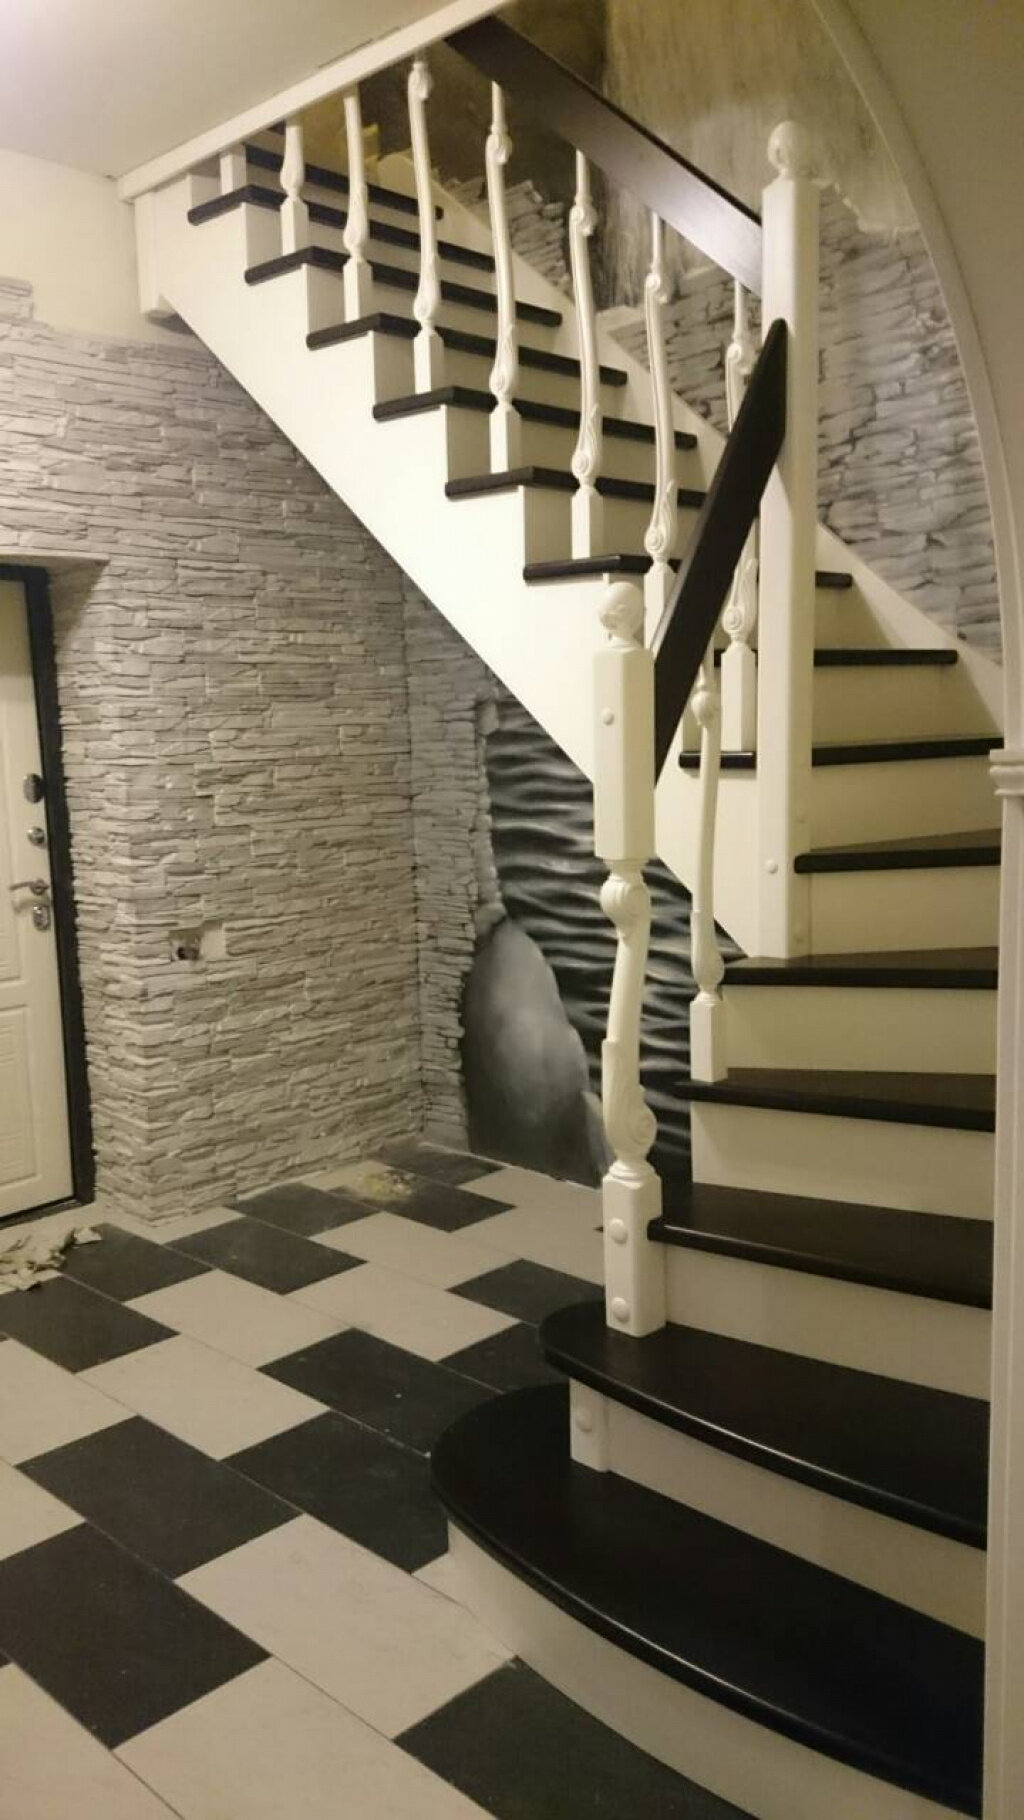 шпицы лигнариус лестницы фото интересуют